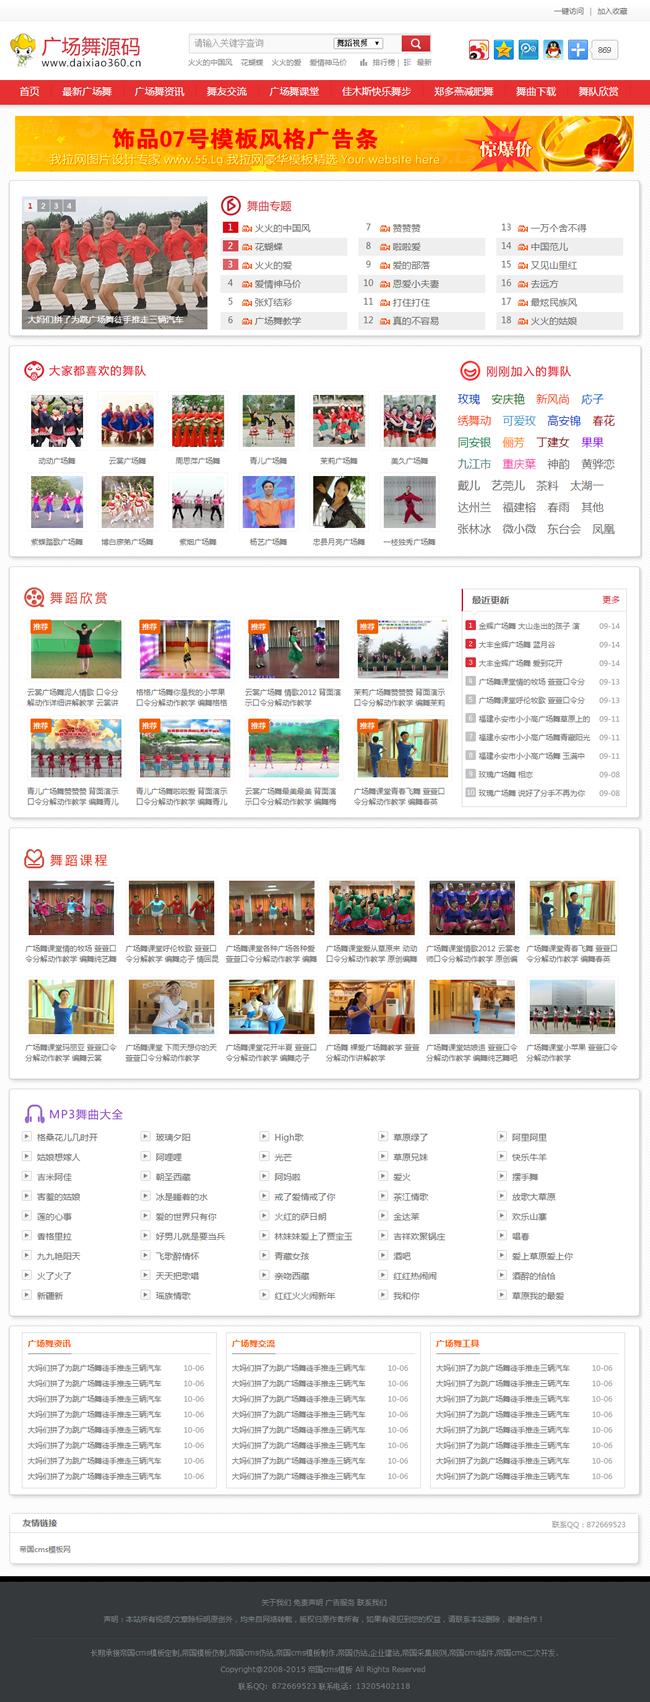 帝国cms模板之广场舞视频网站源码程序_首页